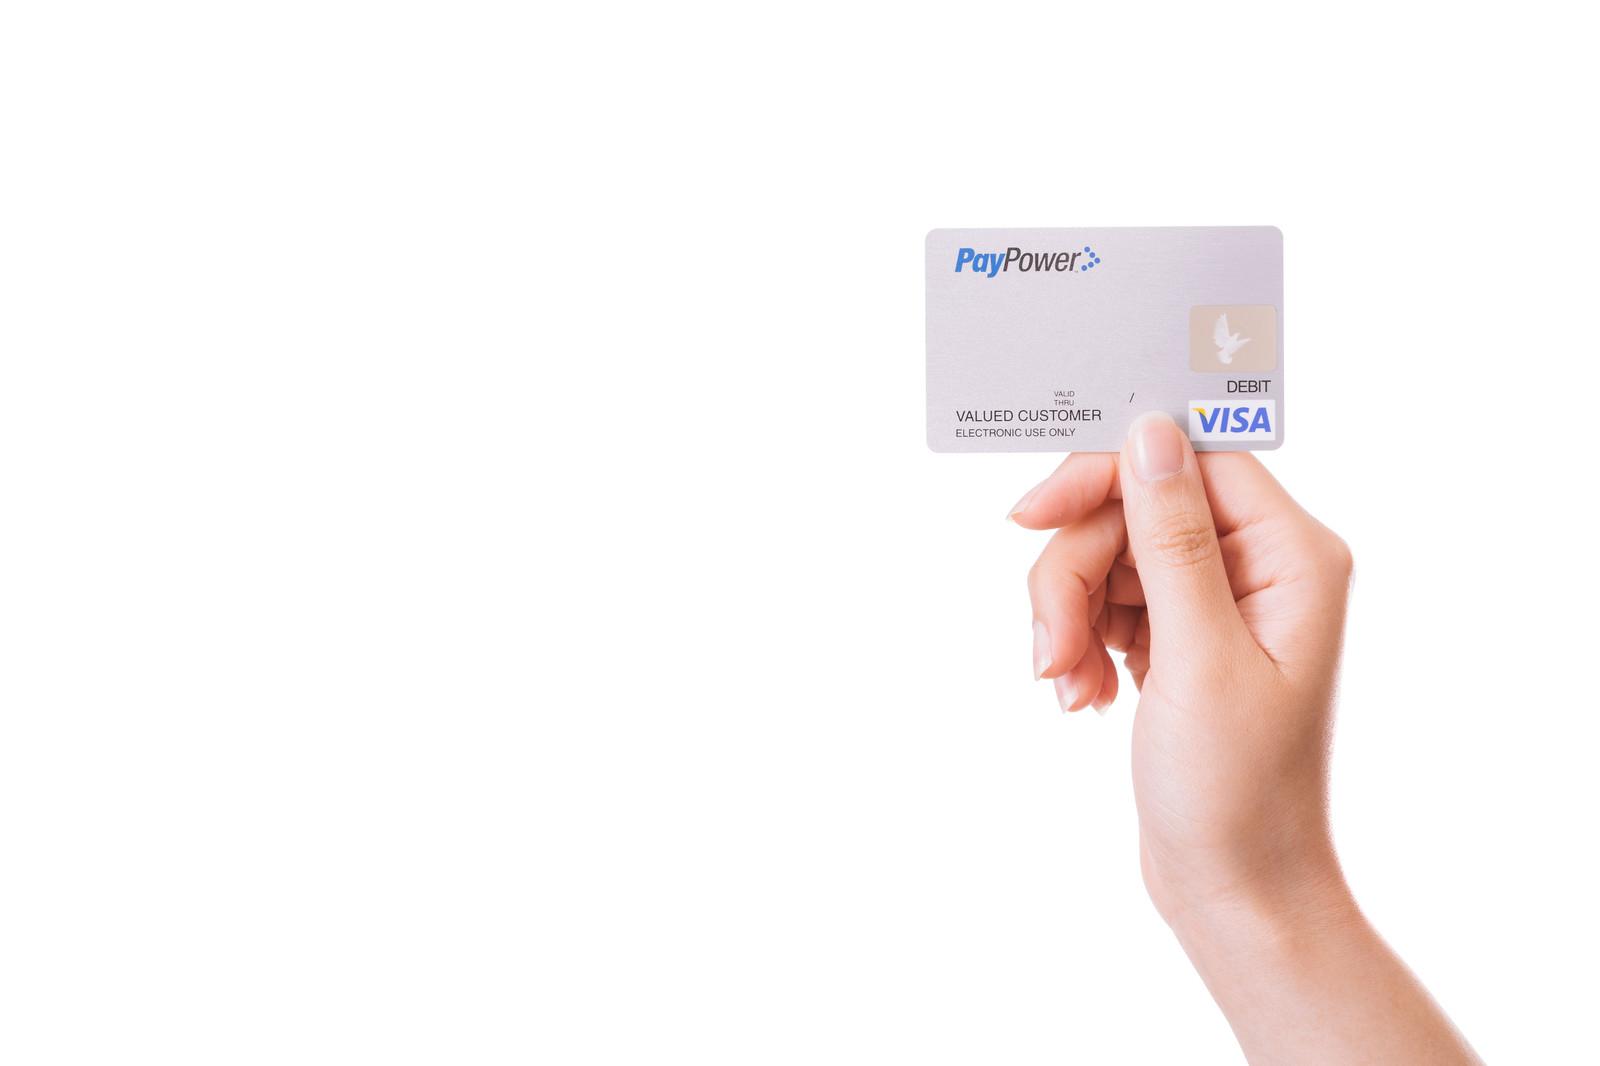 クレジットカードは使えるの? 〜星乃珈琲の支払い方法まとめ〜